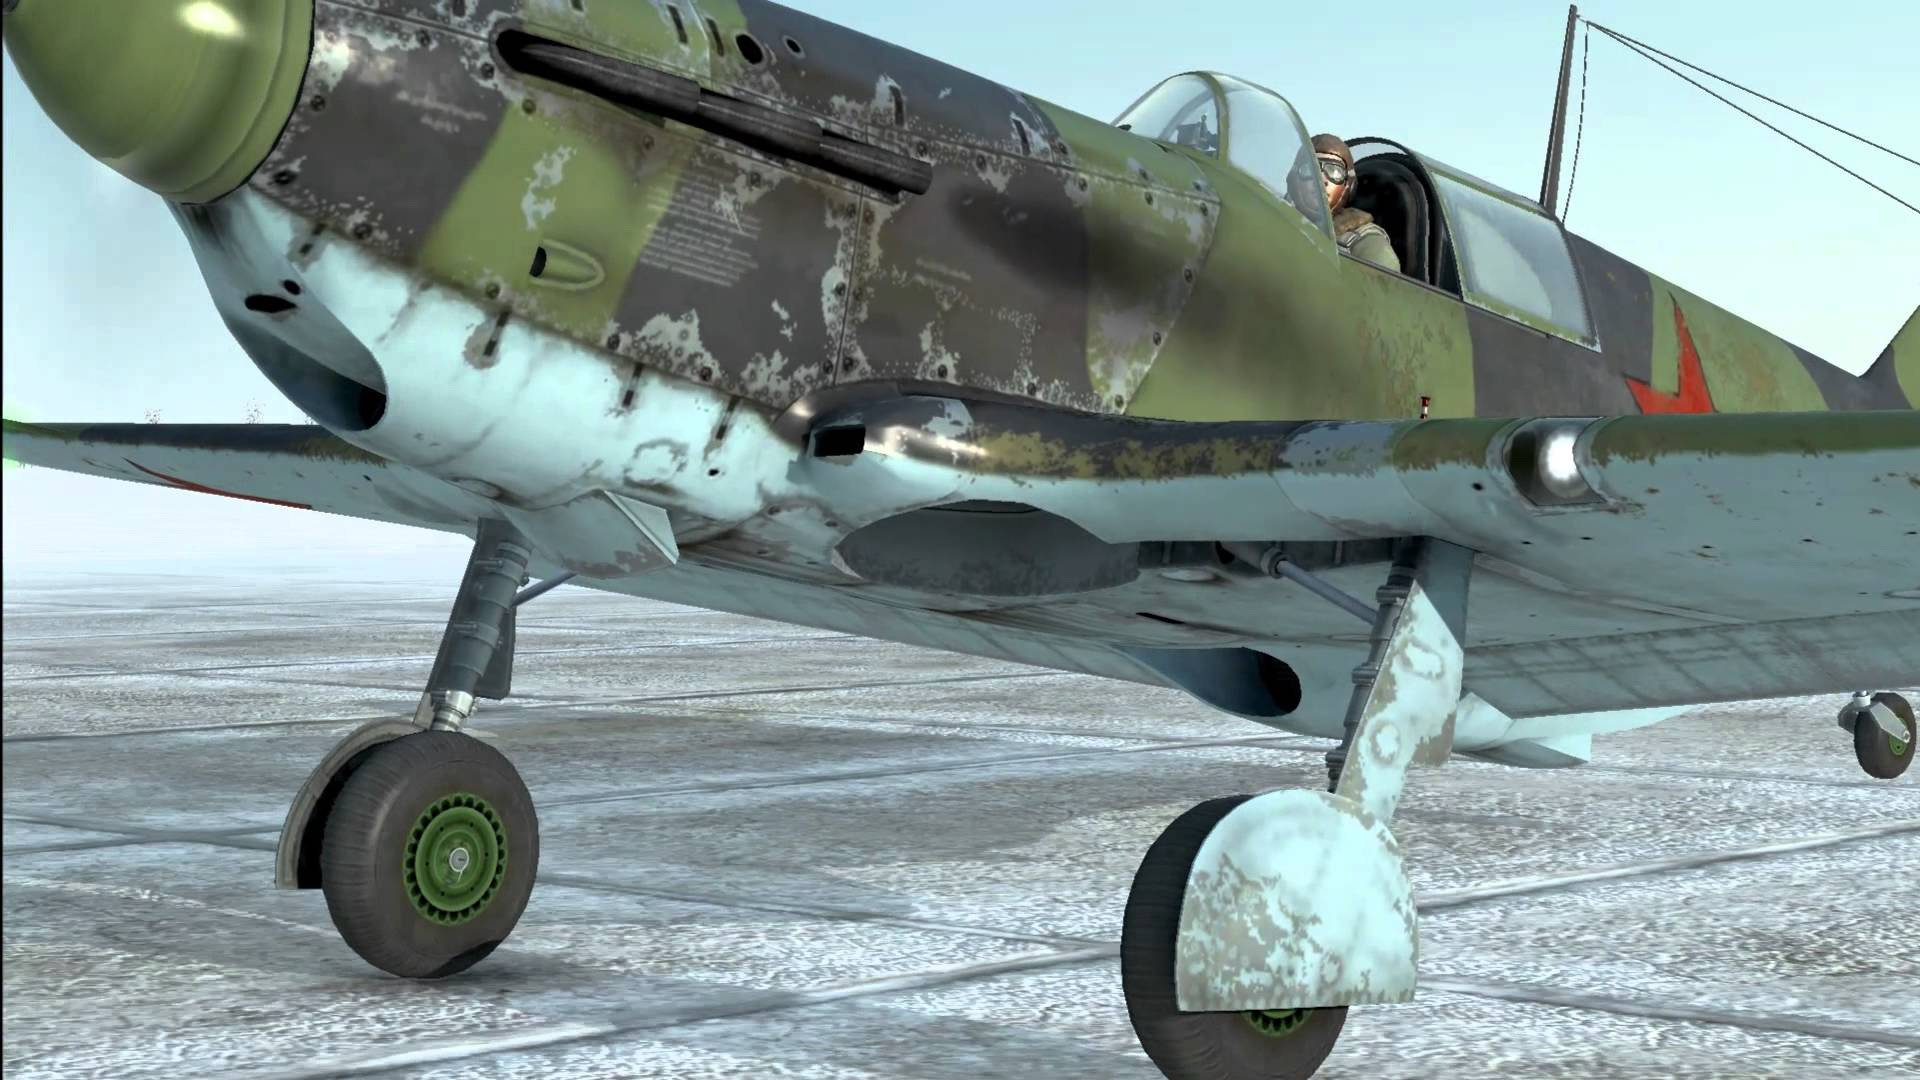 IL-2 Sturmovik: Battle Of Stalingrad HD wallpapers, Desktop wallpaper - most viewed